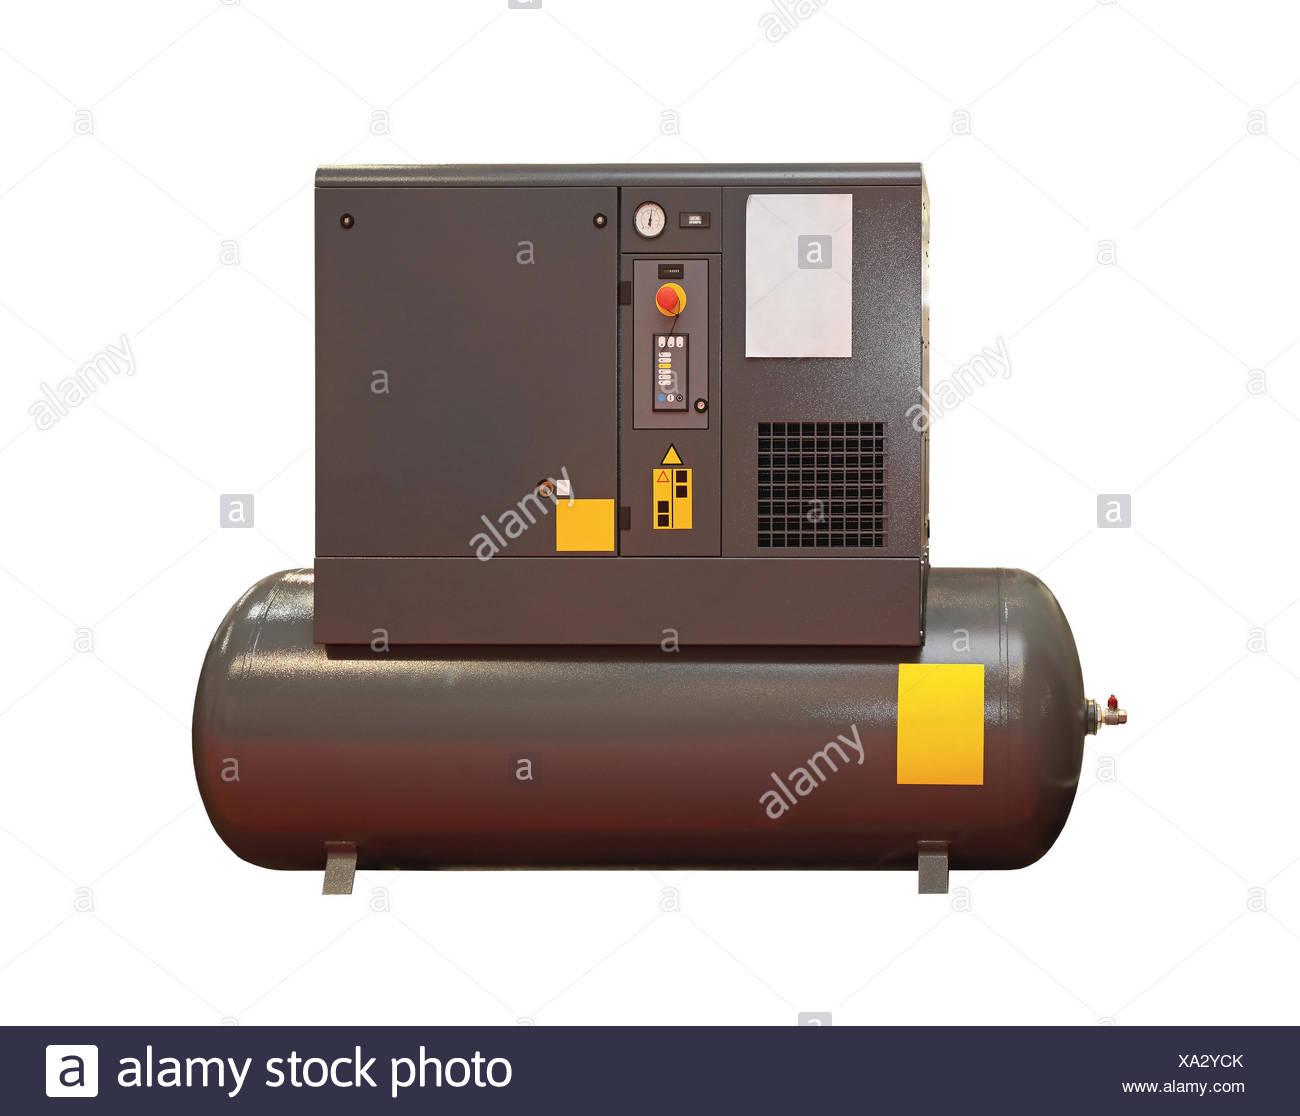 Air Compressor Stock Photos & Air Compressor Stock Images